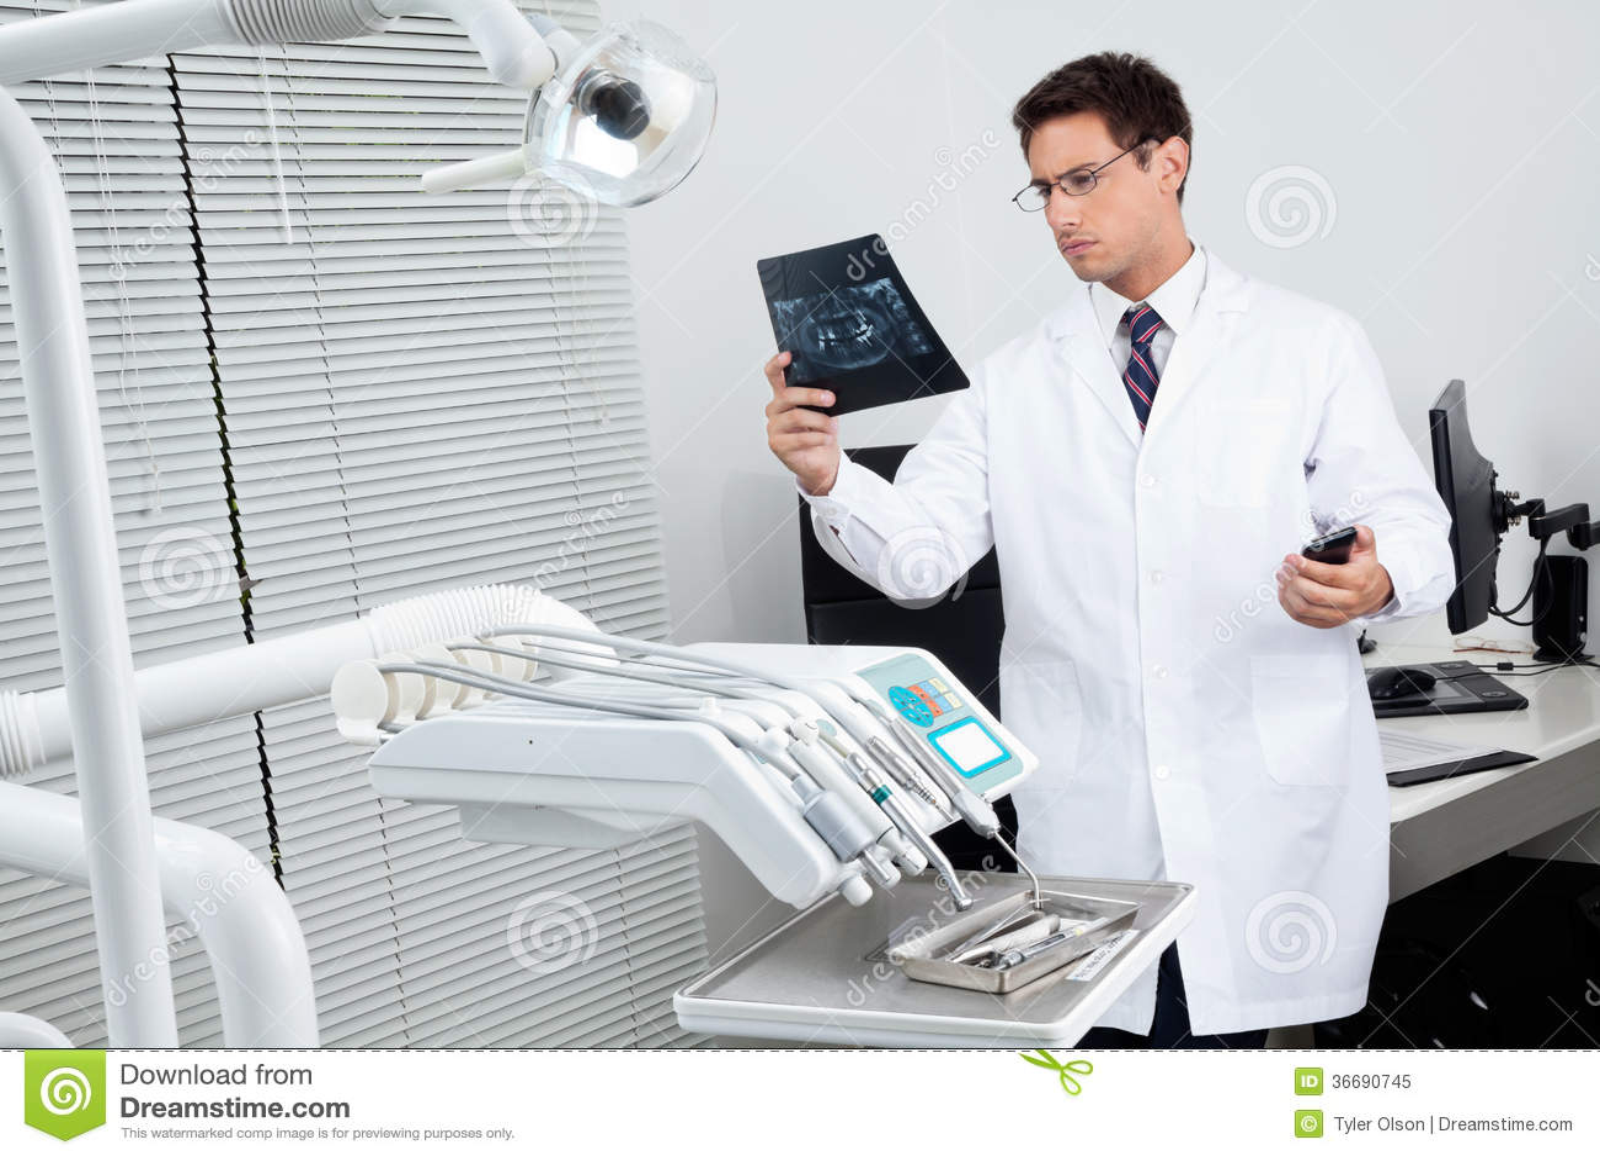 Zahnarzt-Analyzing-Röntgenstrahl-Bericht Stockbild - Bild von ...